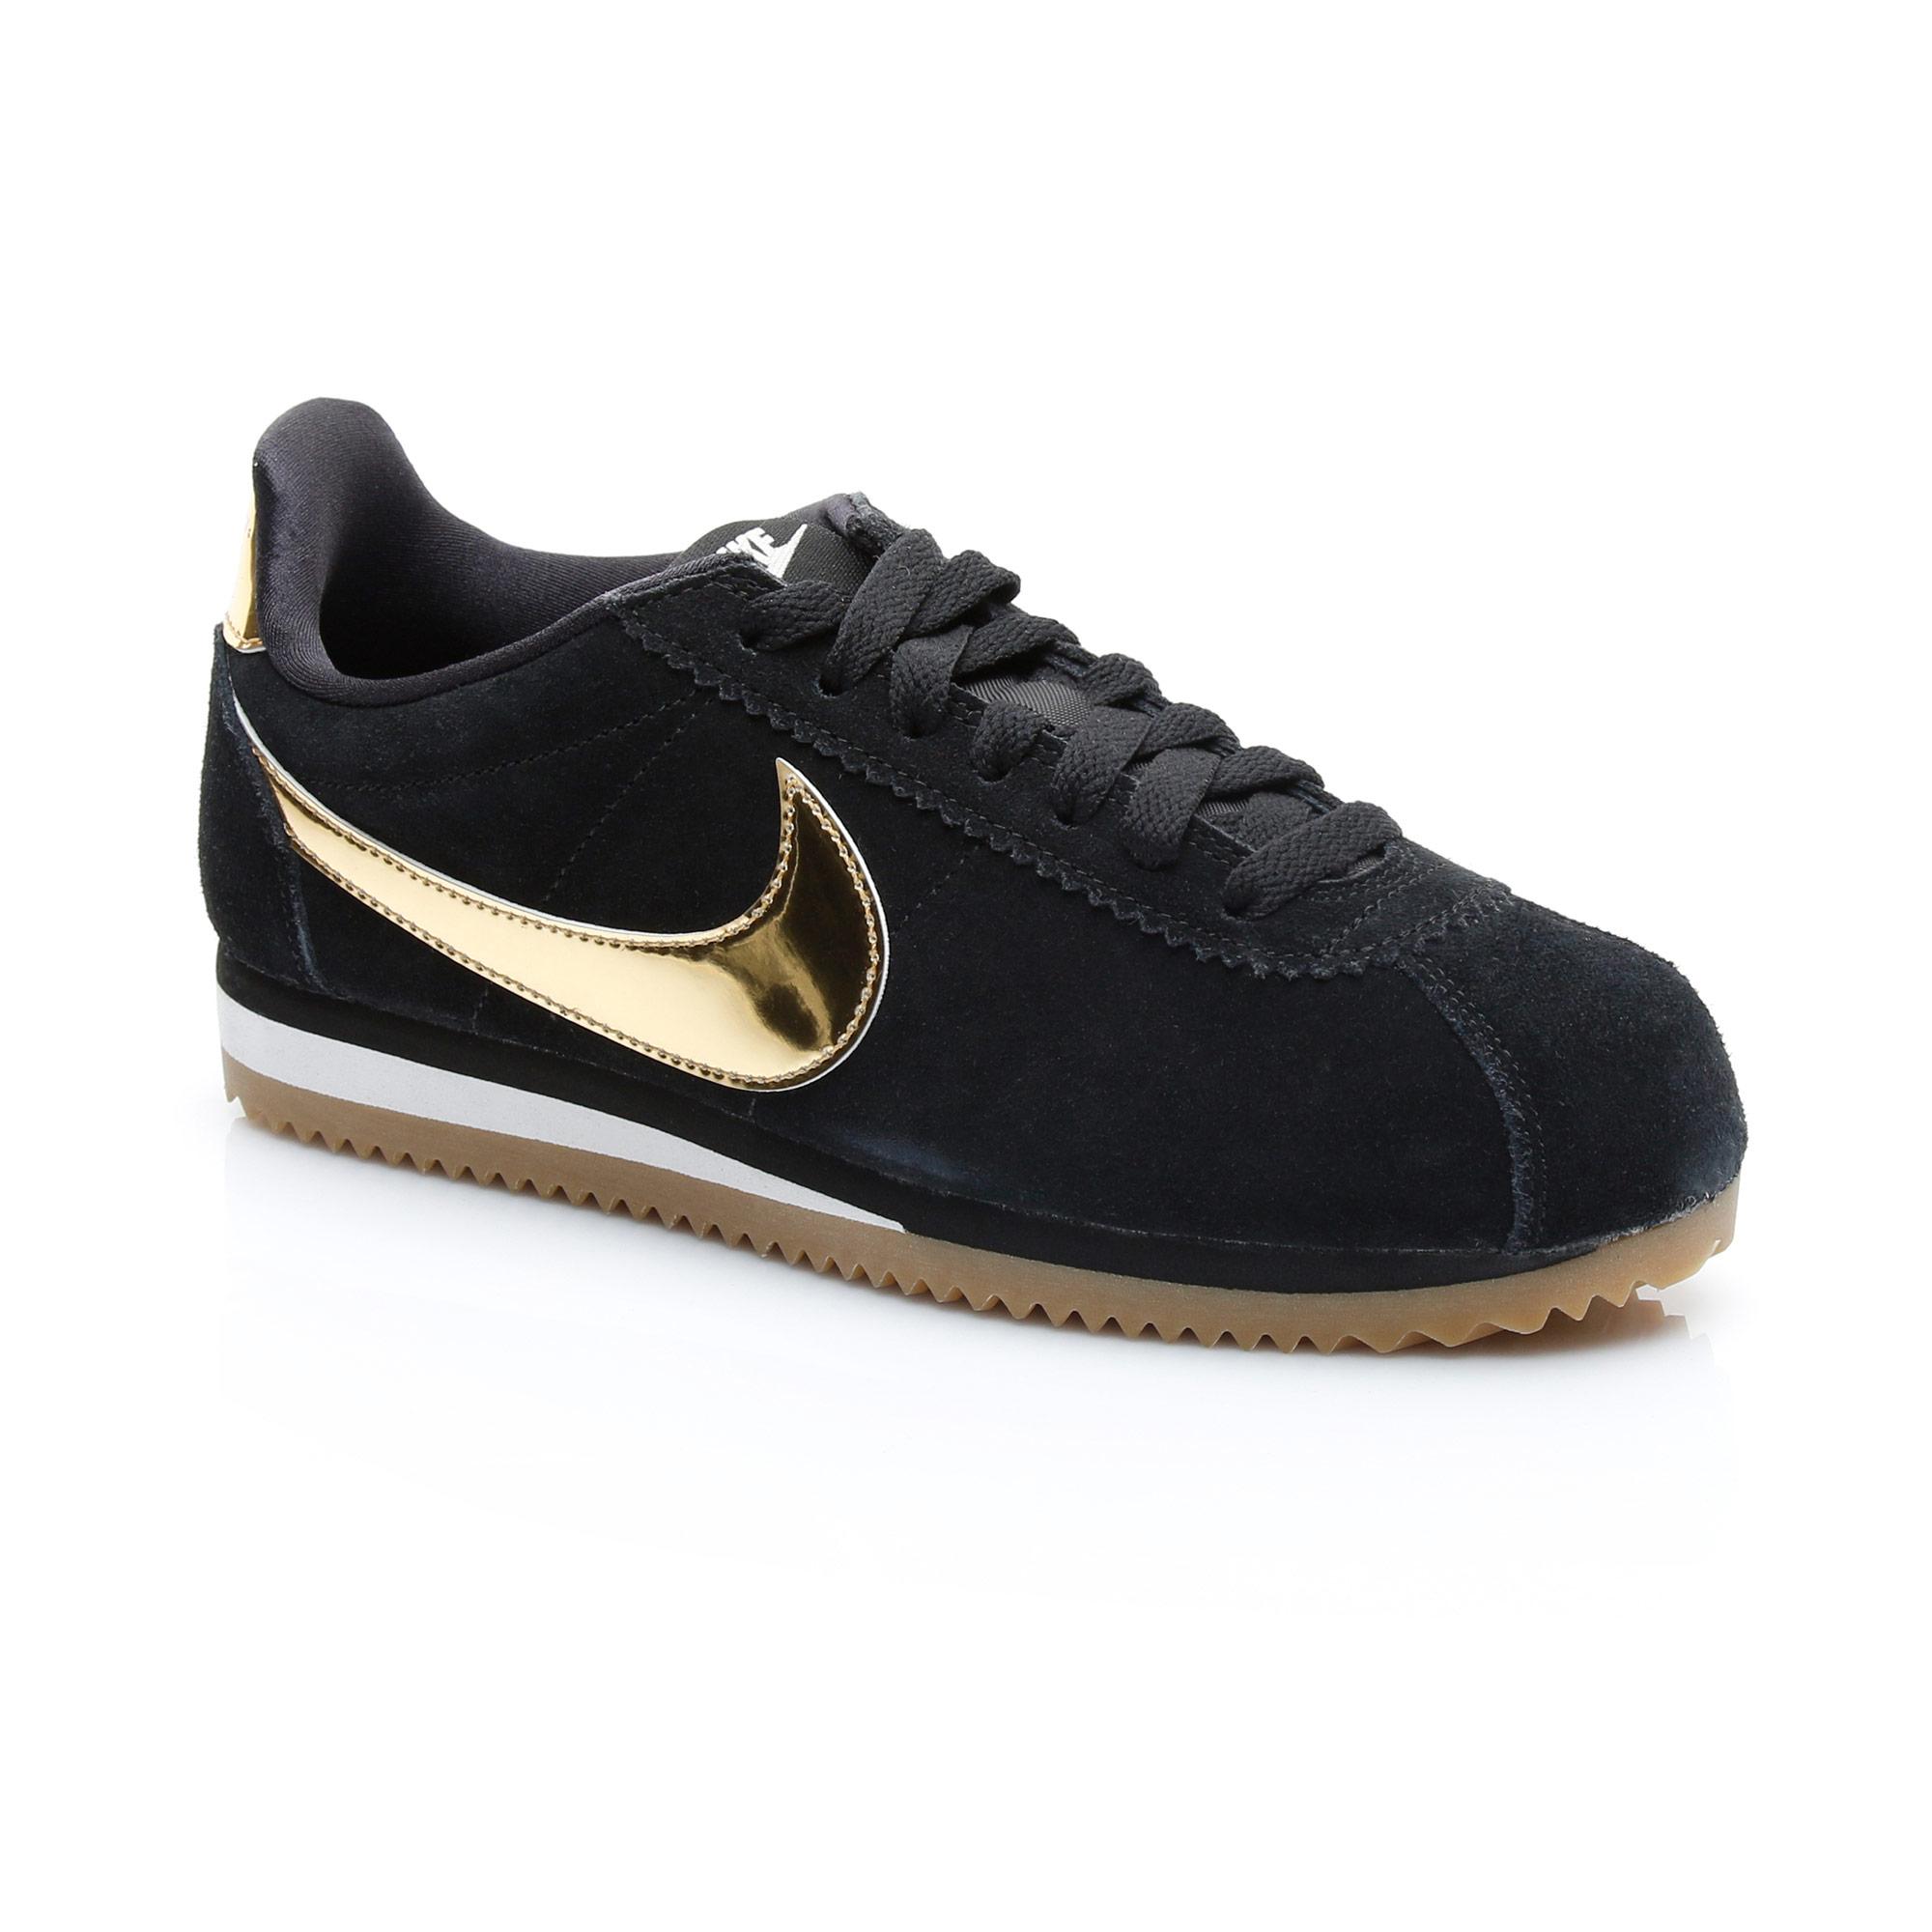 Nike Classic Cortez Kadın Siyah Spor Ayakkabı